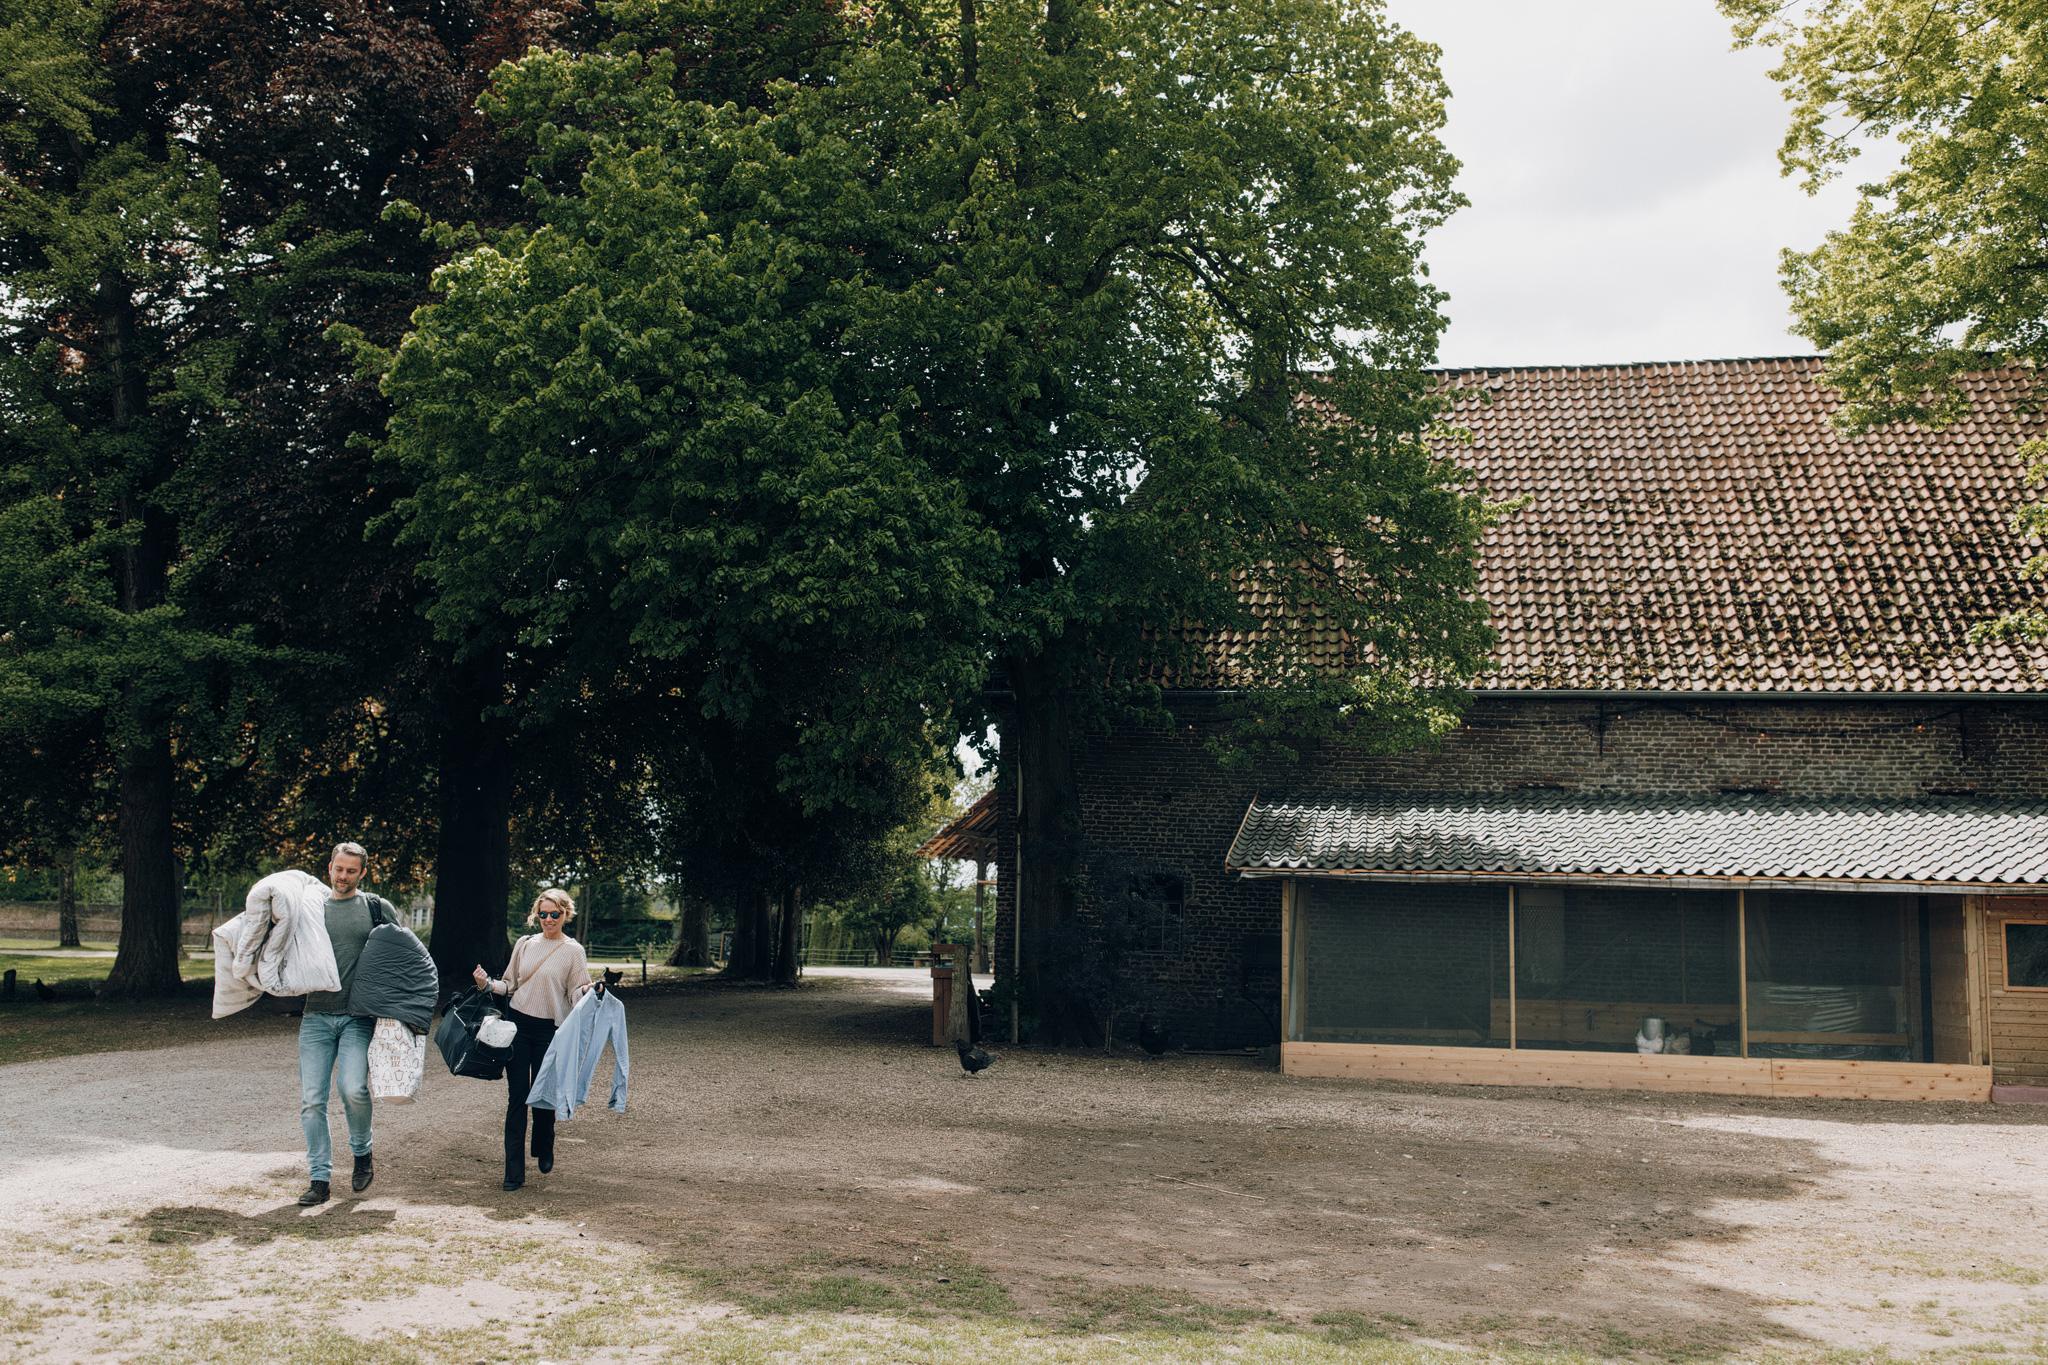 Gasten die aankomen bij Kloster Graefenthal